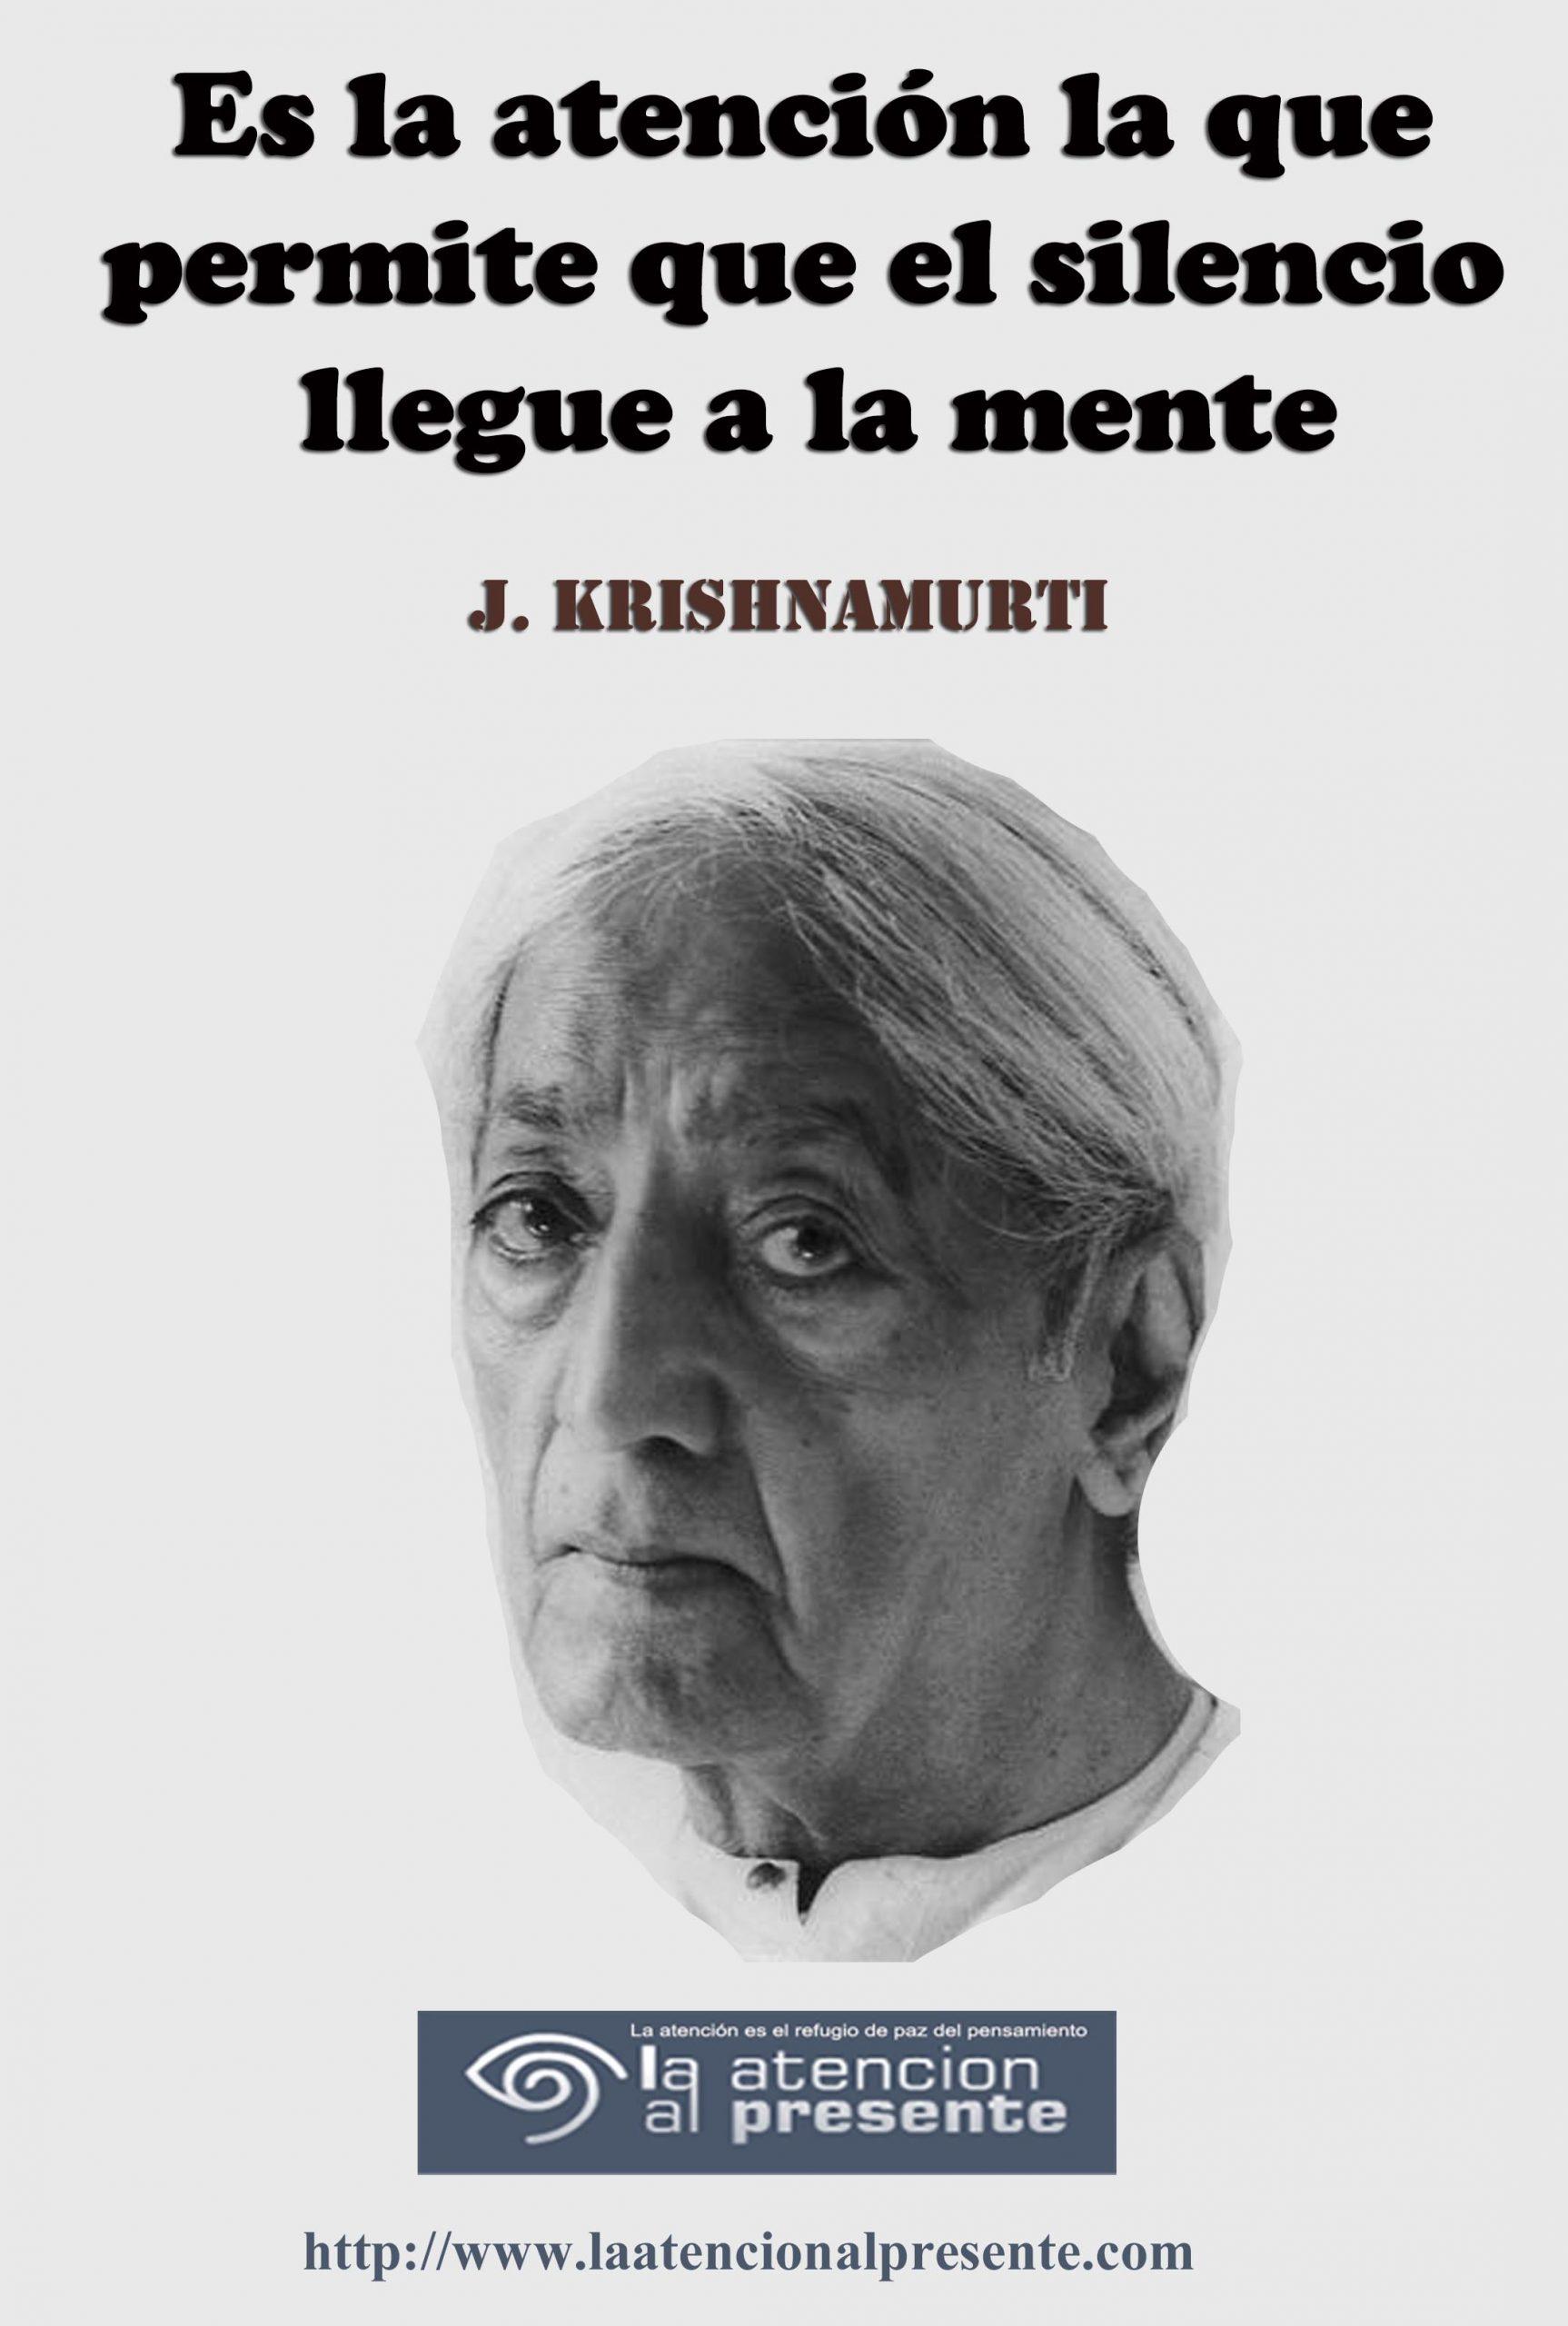 30 de Octubre JK Es la atencion la que permite que el silencio llegue a la mente Krishnamurti min scaled